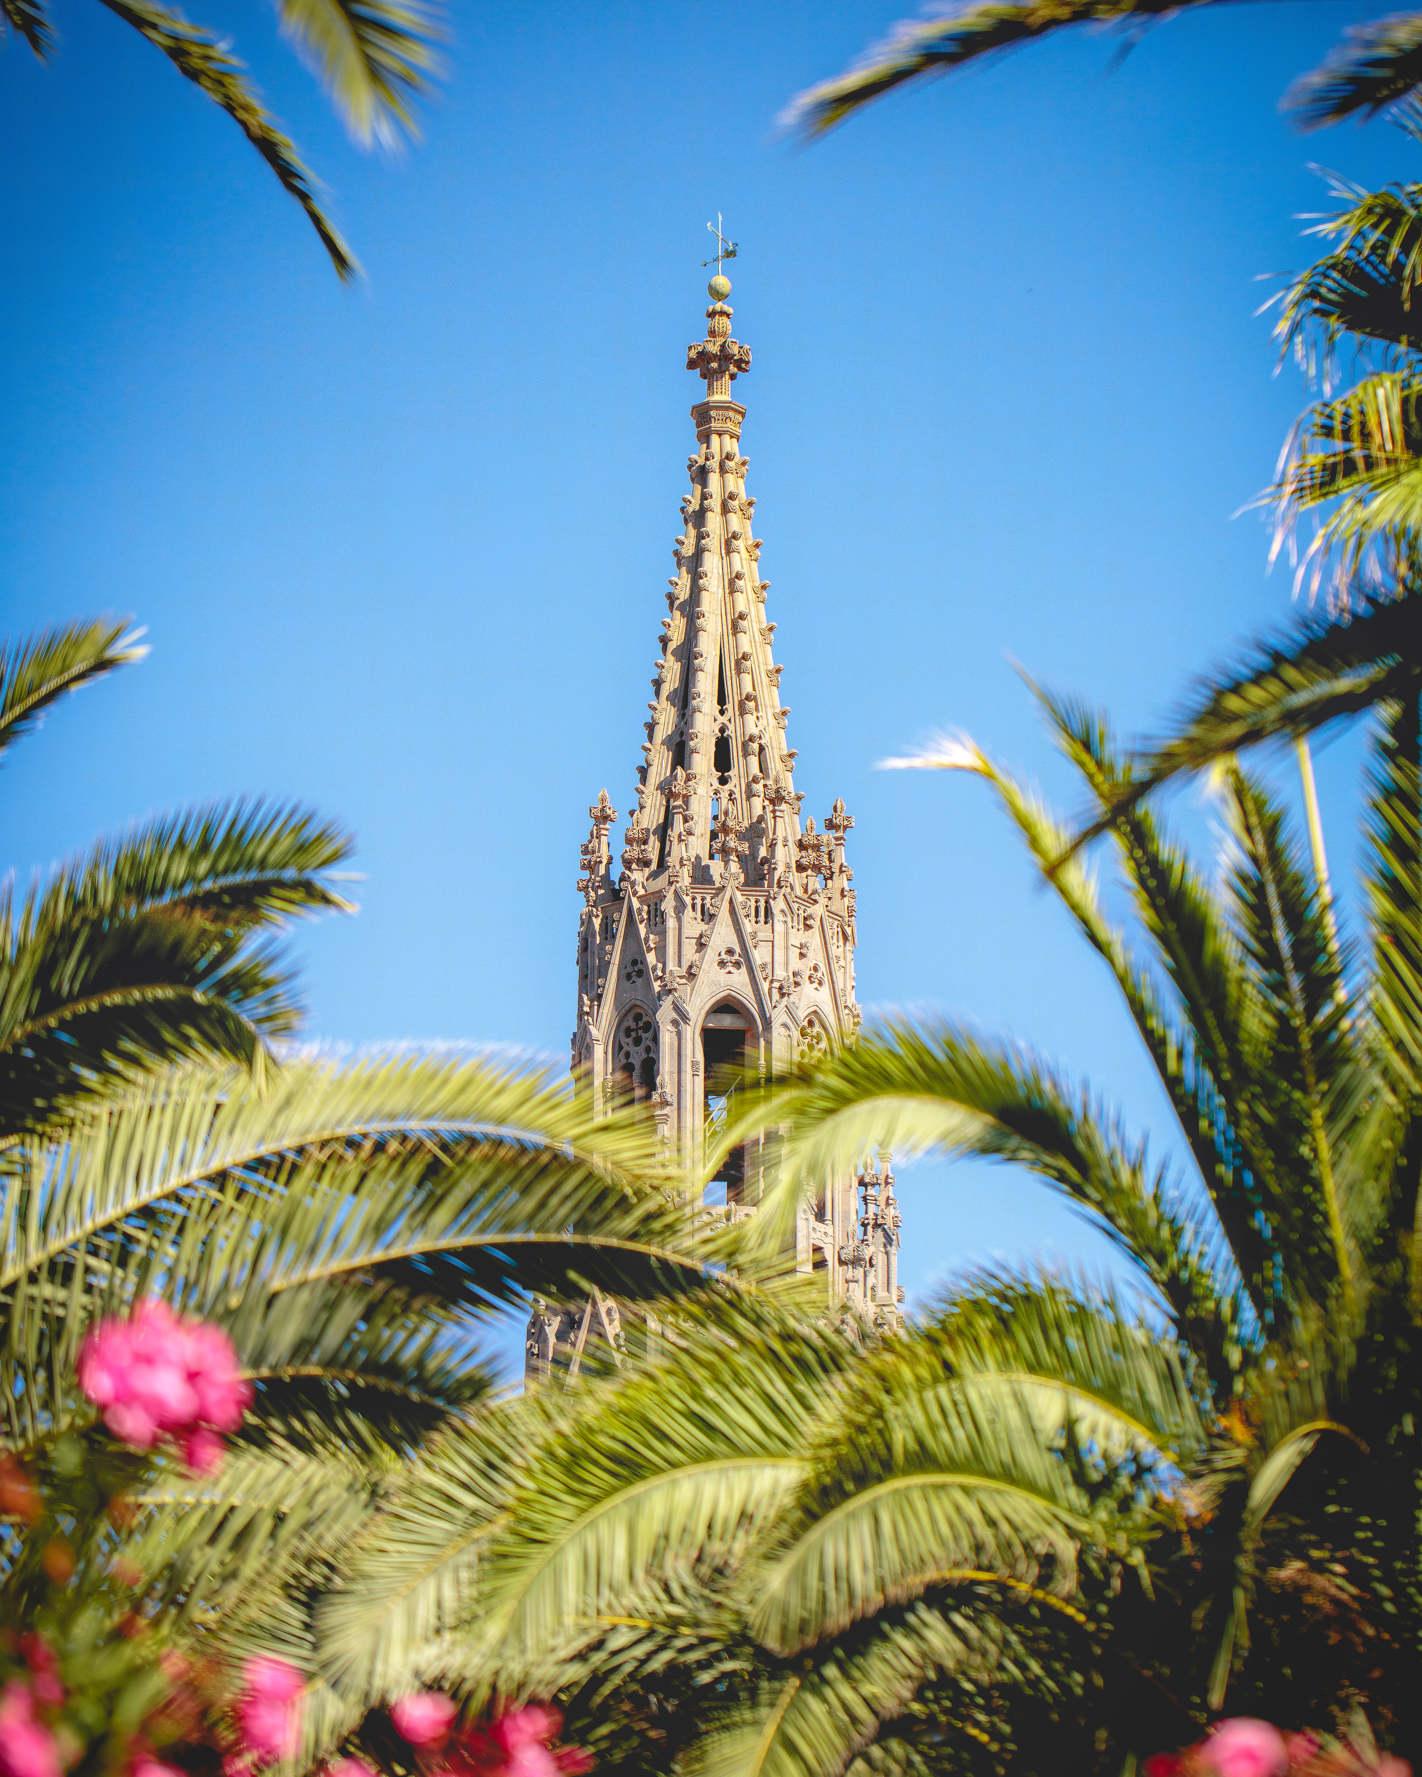 Turmspitze der Kathedrale von Arucas umringt von Palmen und Blüten